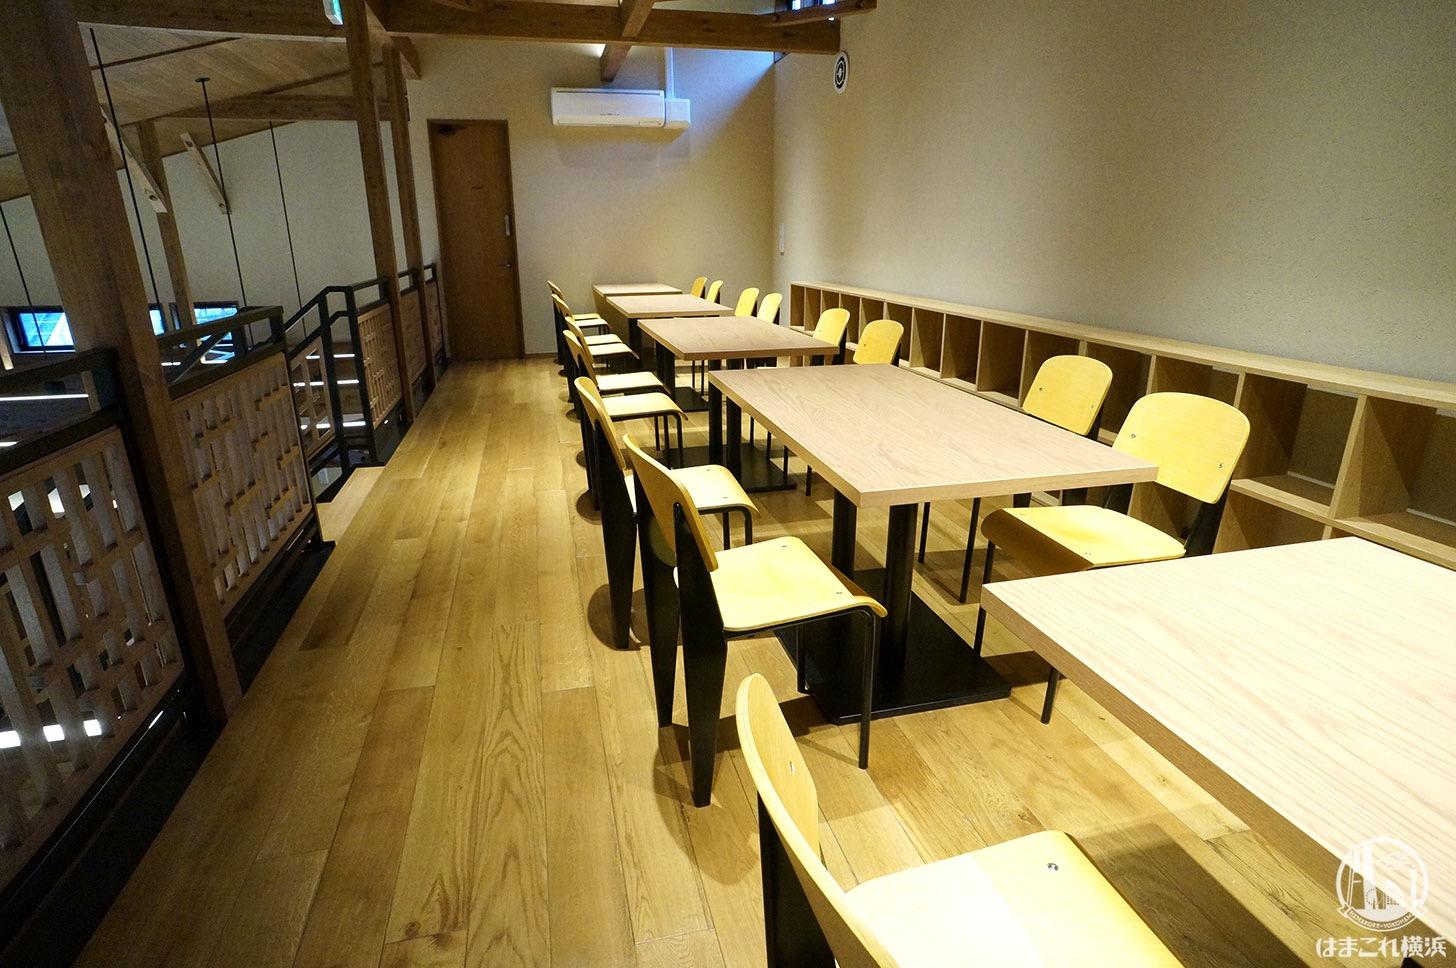 バニラビーンズ 鎌倉店 2階席